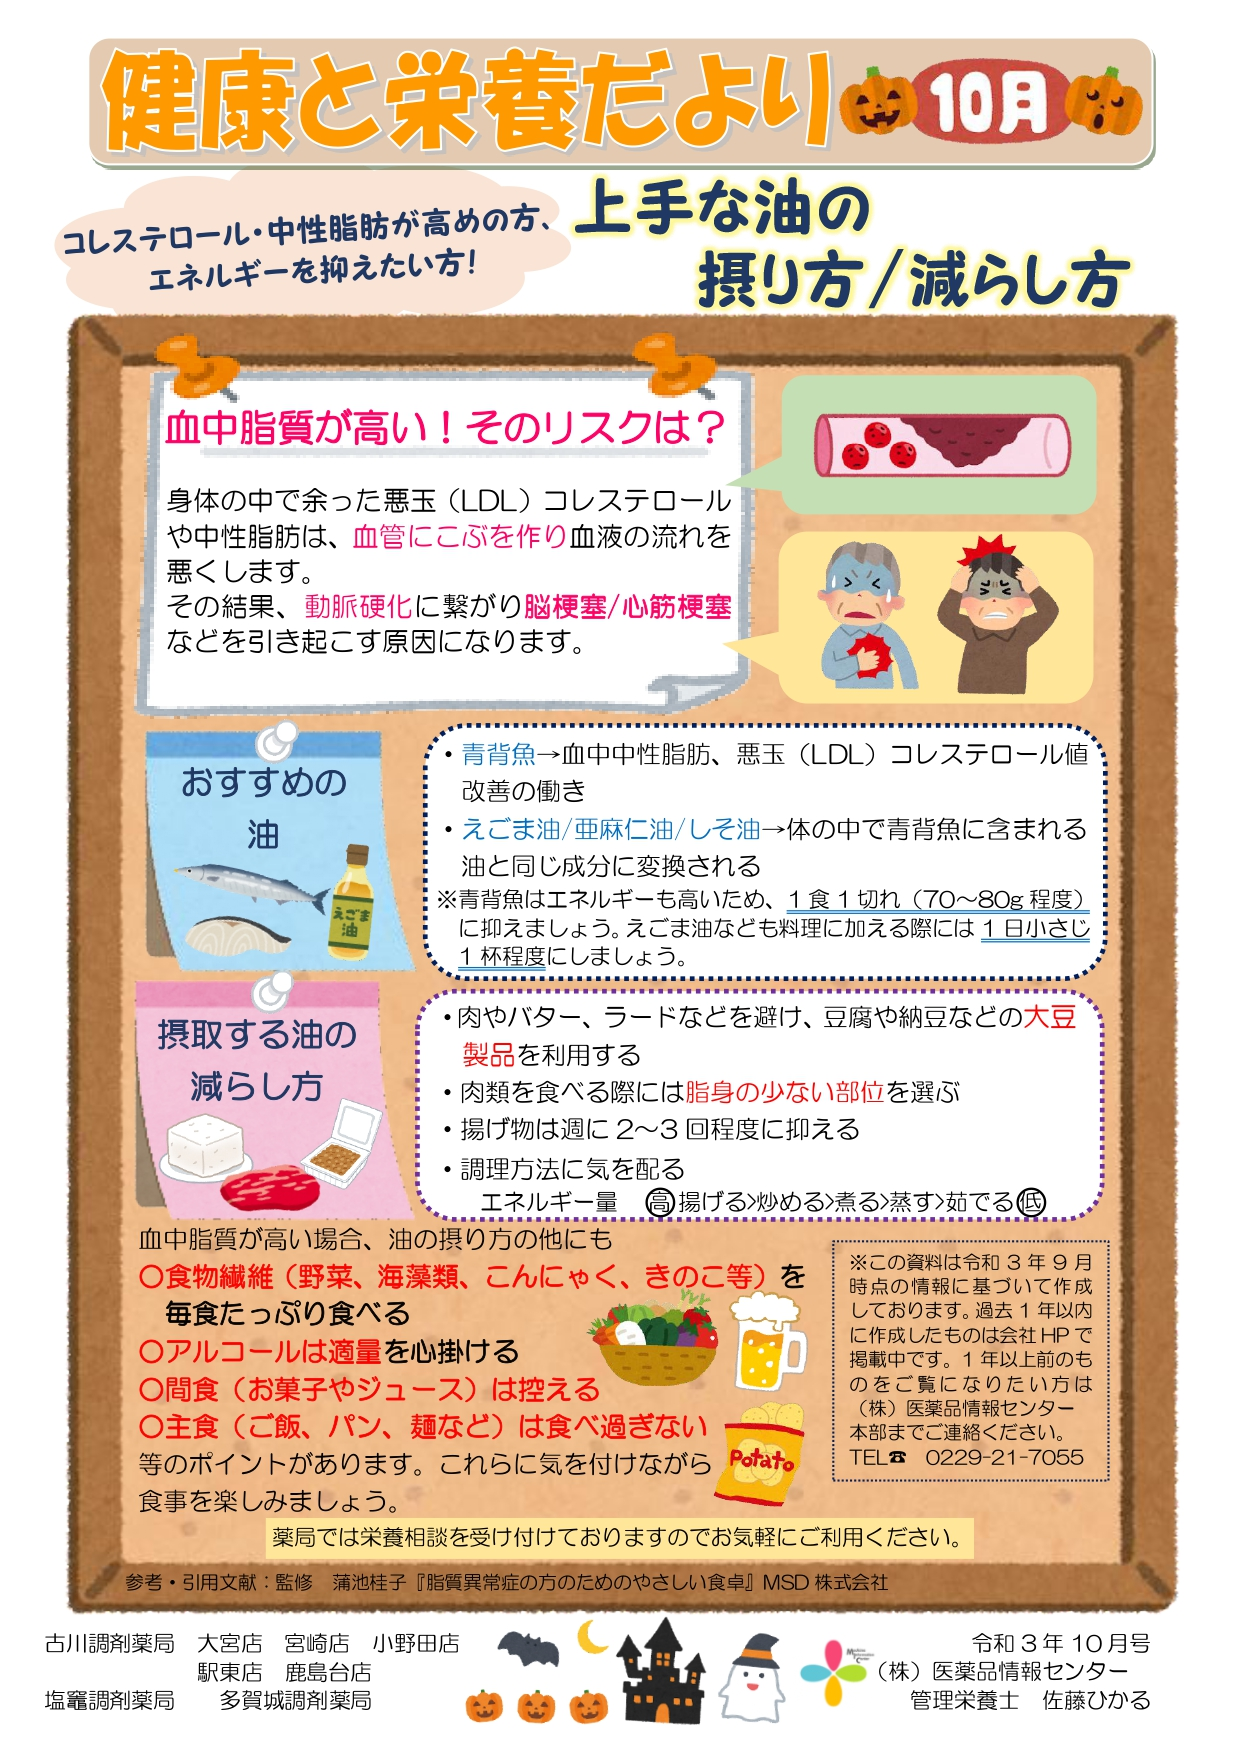 パンフレット用 R3.10月 脂質異常症(油の摂り方)_page-0001